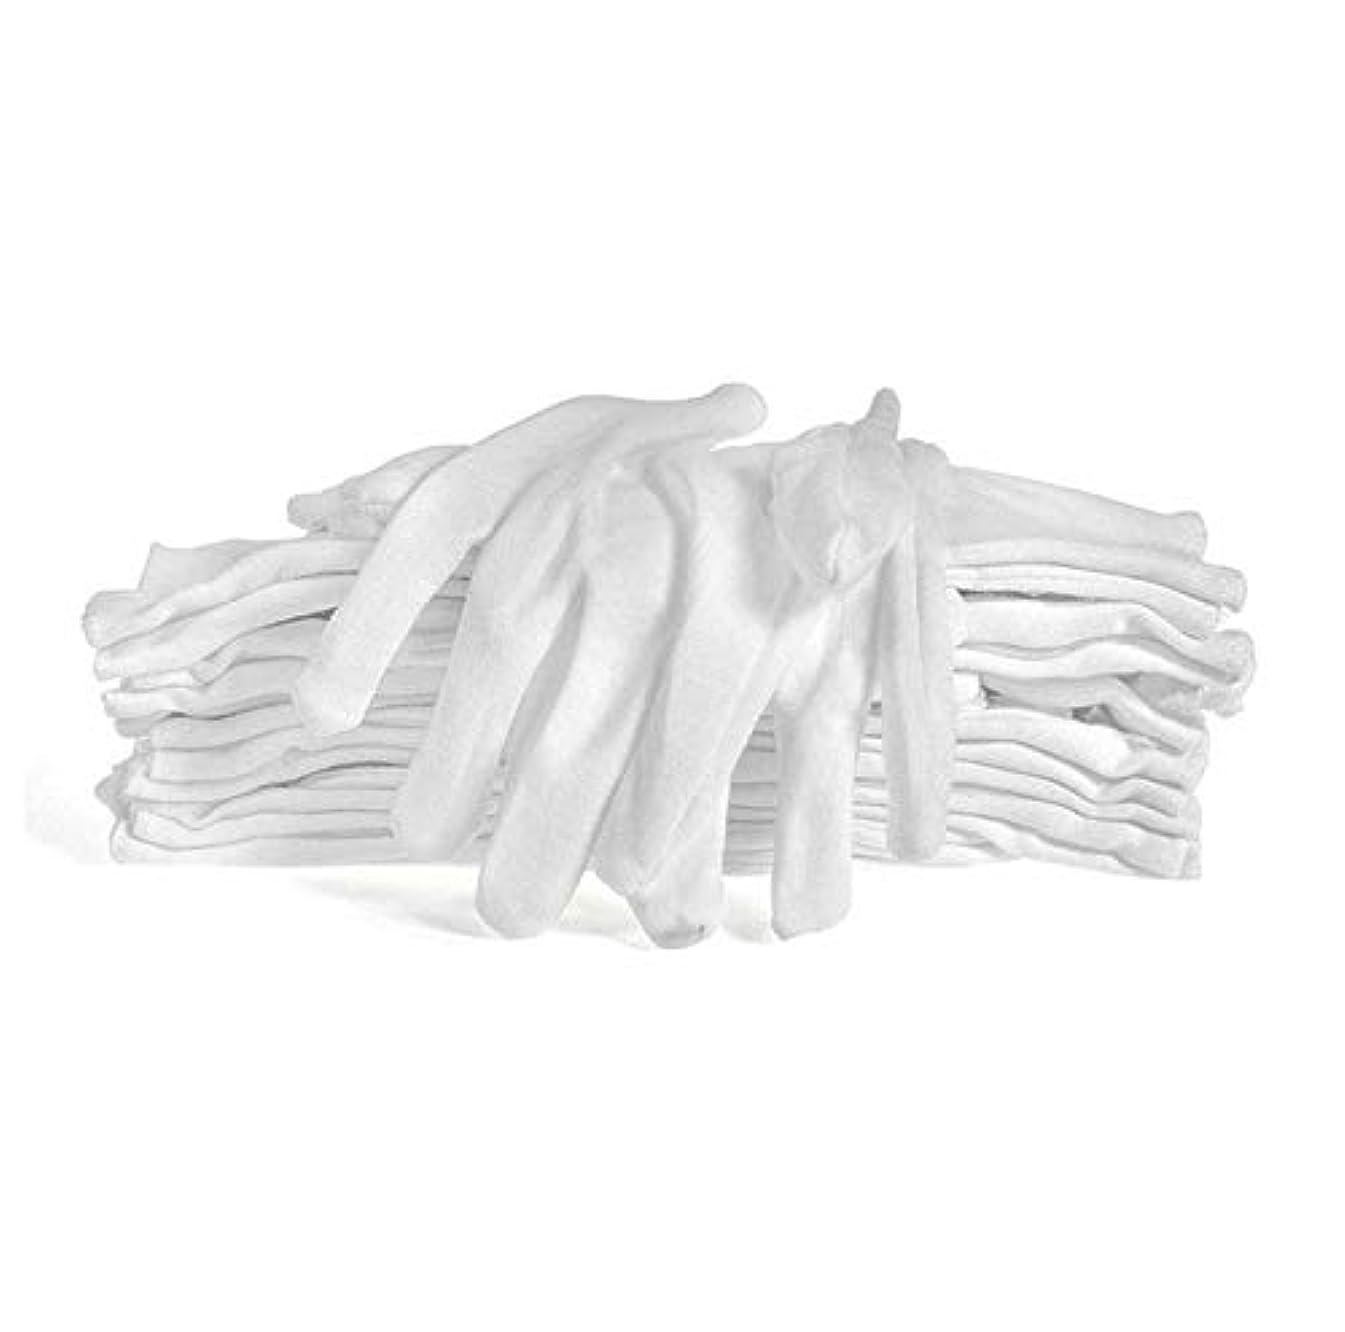 錆び不機嫌そうなエジプト12双組 コットン手袋 綿手袋 使い捨て 白手袋 薄手 お休み 湿疹手荒れ 純綿 礼装用 メンズ 手袋 乾燥肌 保湿 レディース白